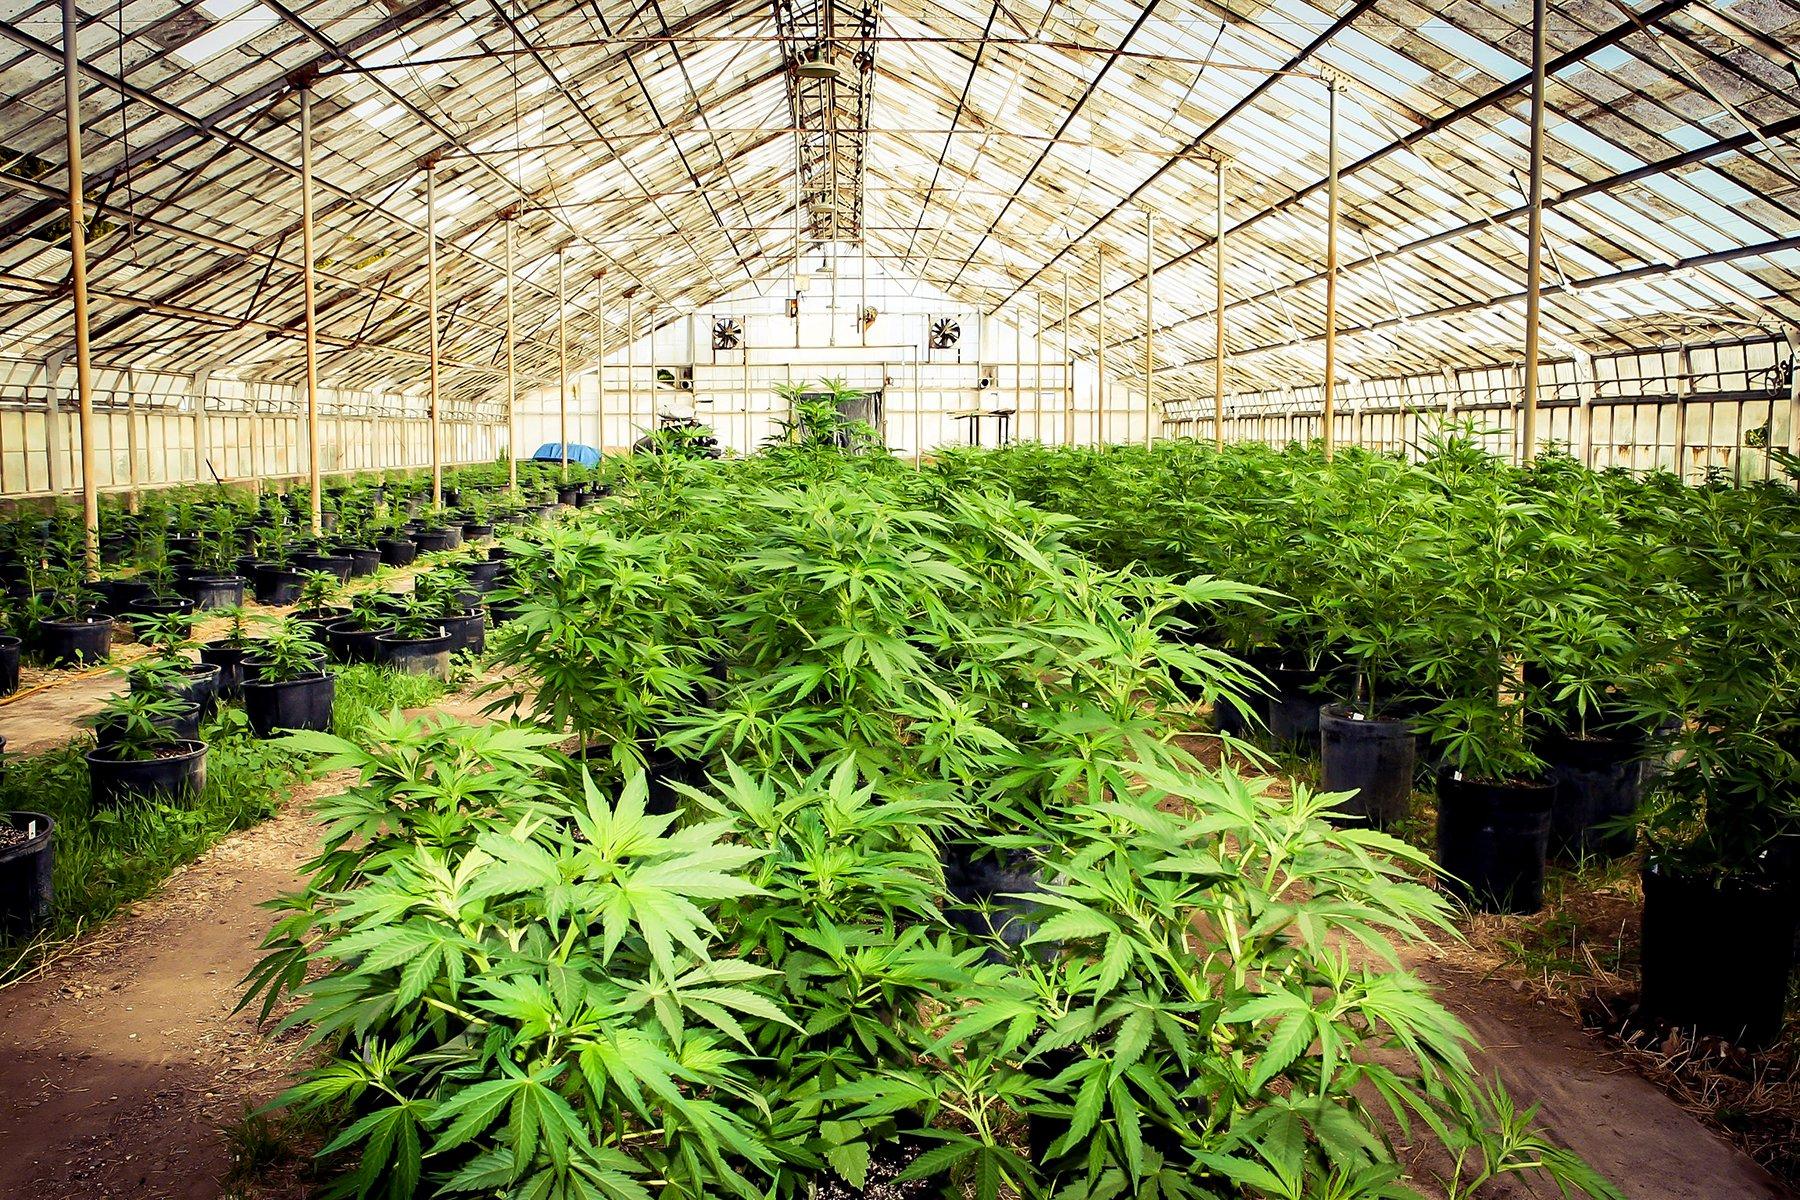 USA – La legalizzazione della marijuana ha fatto calare i profitti dei cartelli messicani